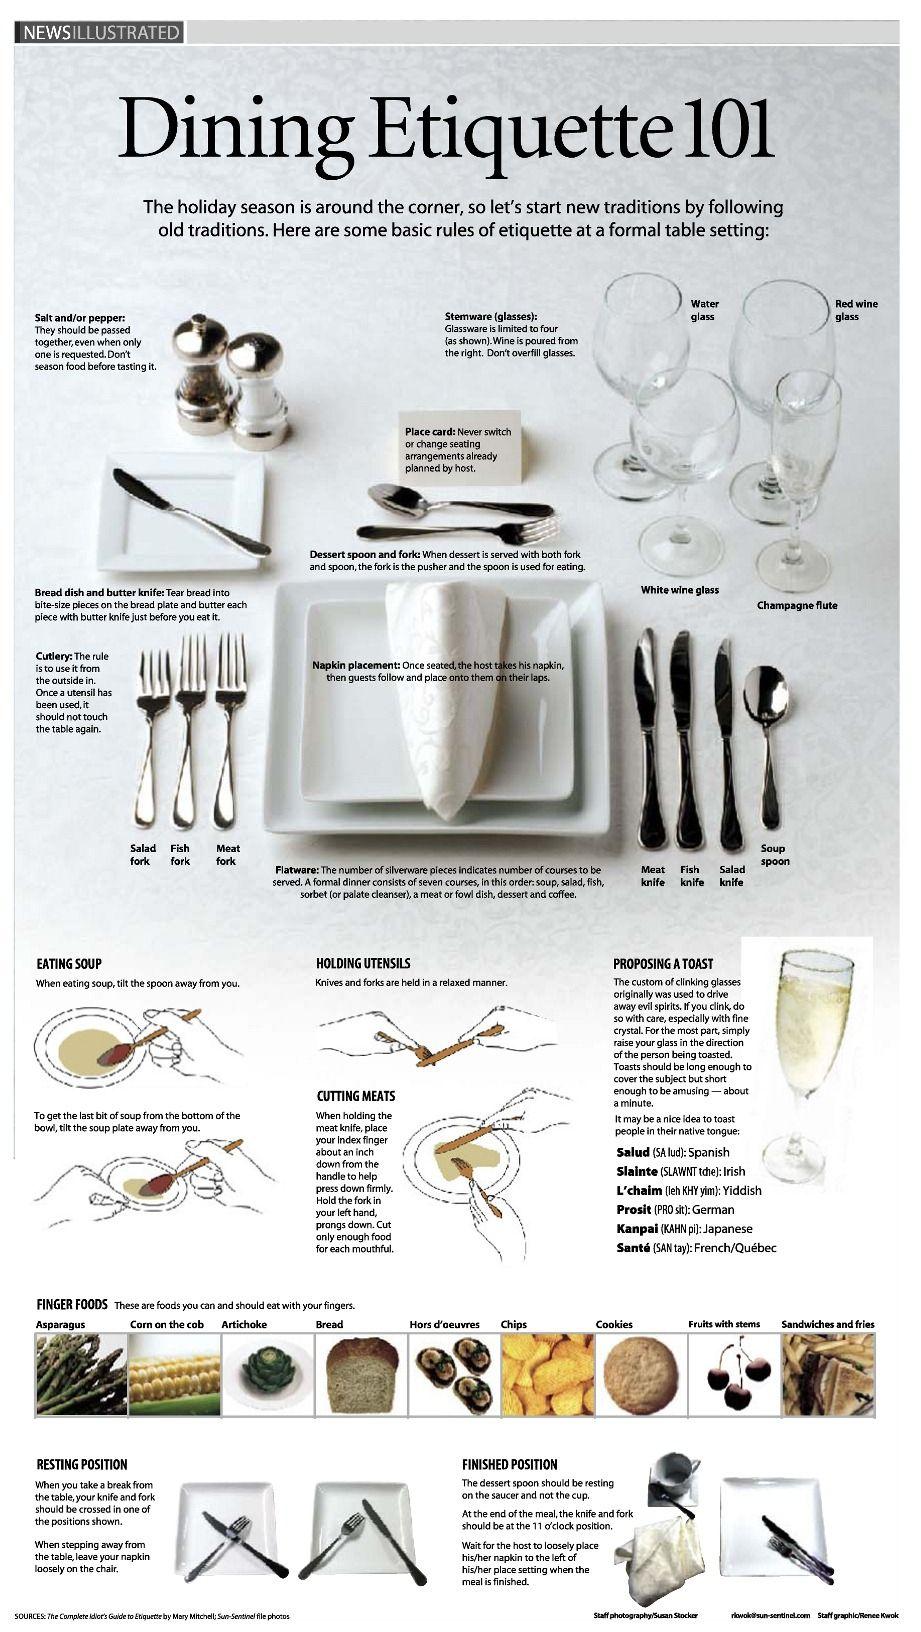 Algunas reglas de etiqueta para Cenar #DiningEtiquette | Fine Living ...